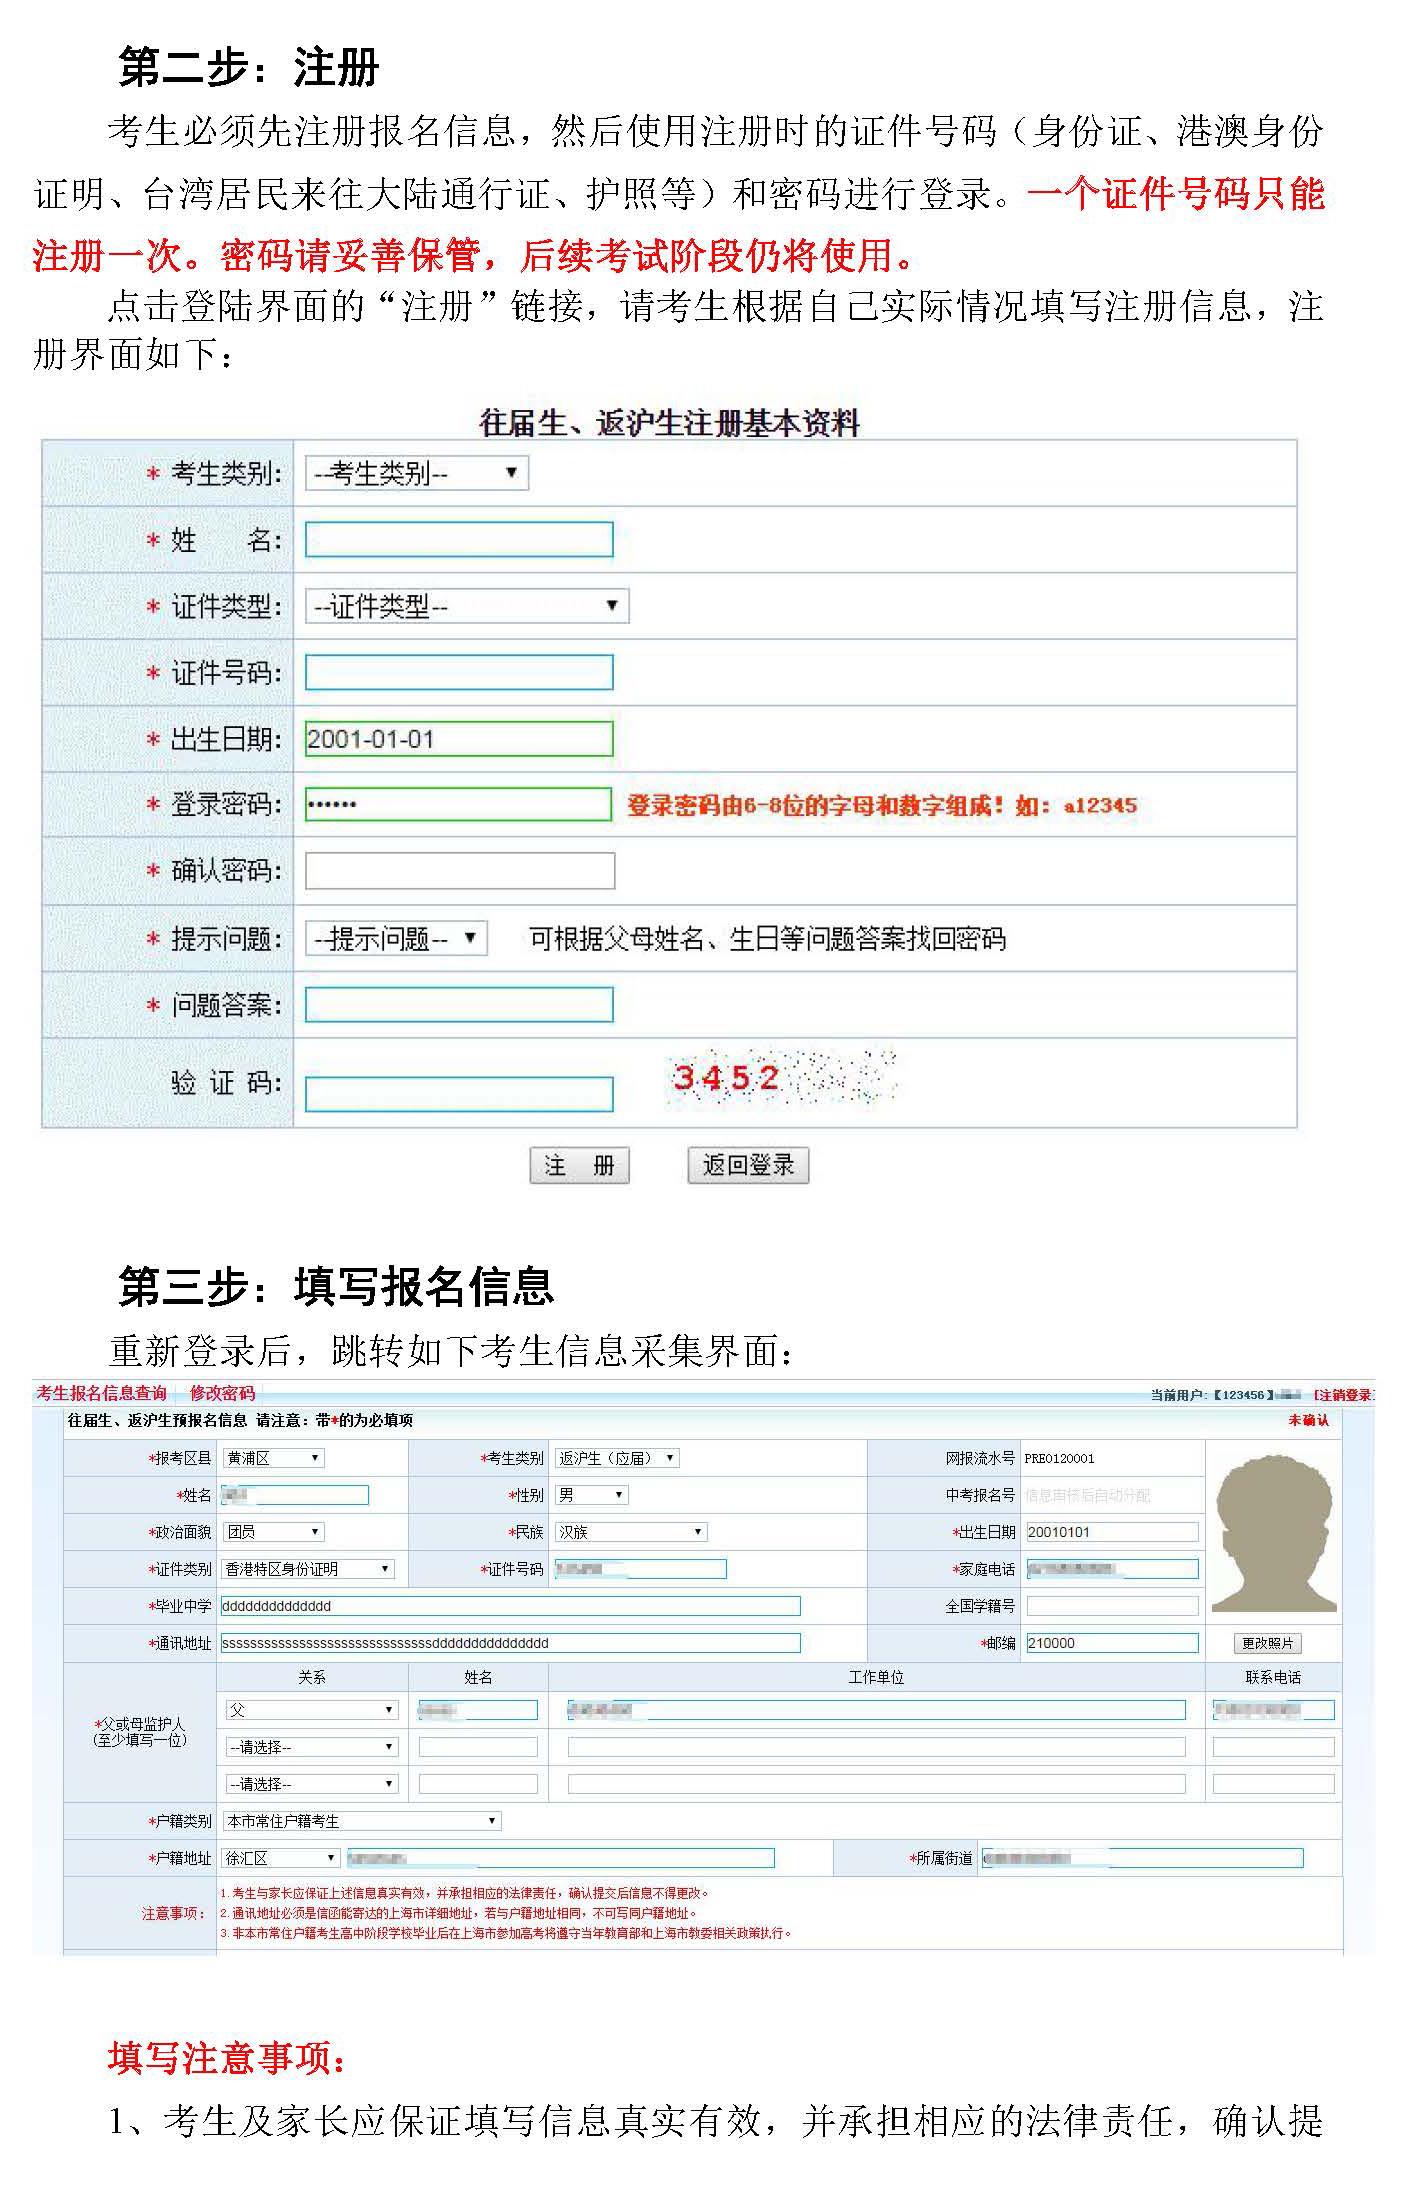 2019上海中考往届生/返沪生报名流程及注意事项(流程图)